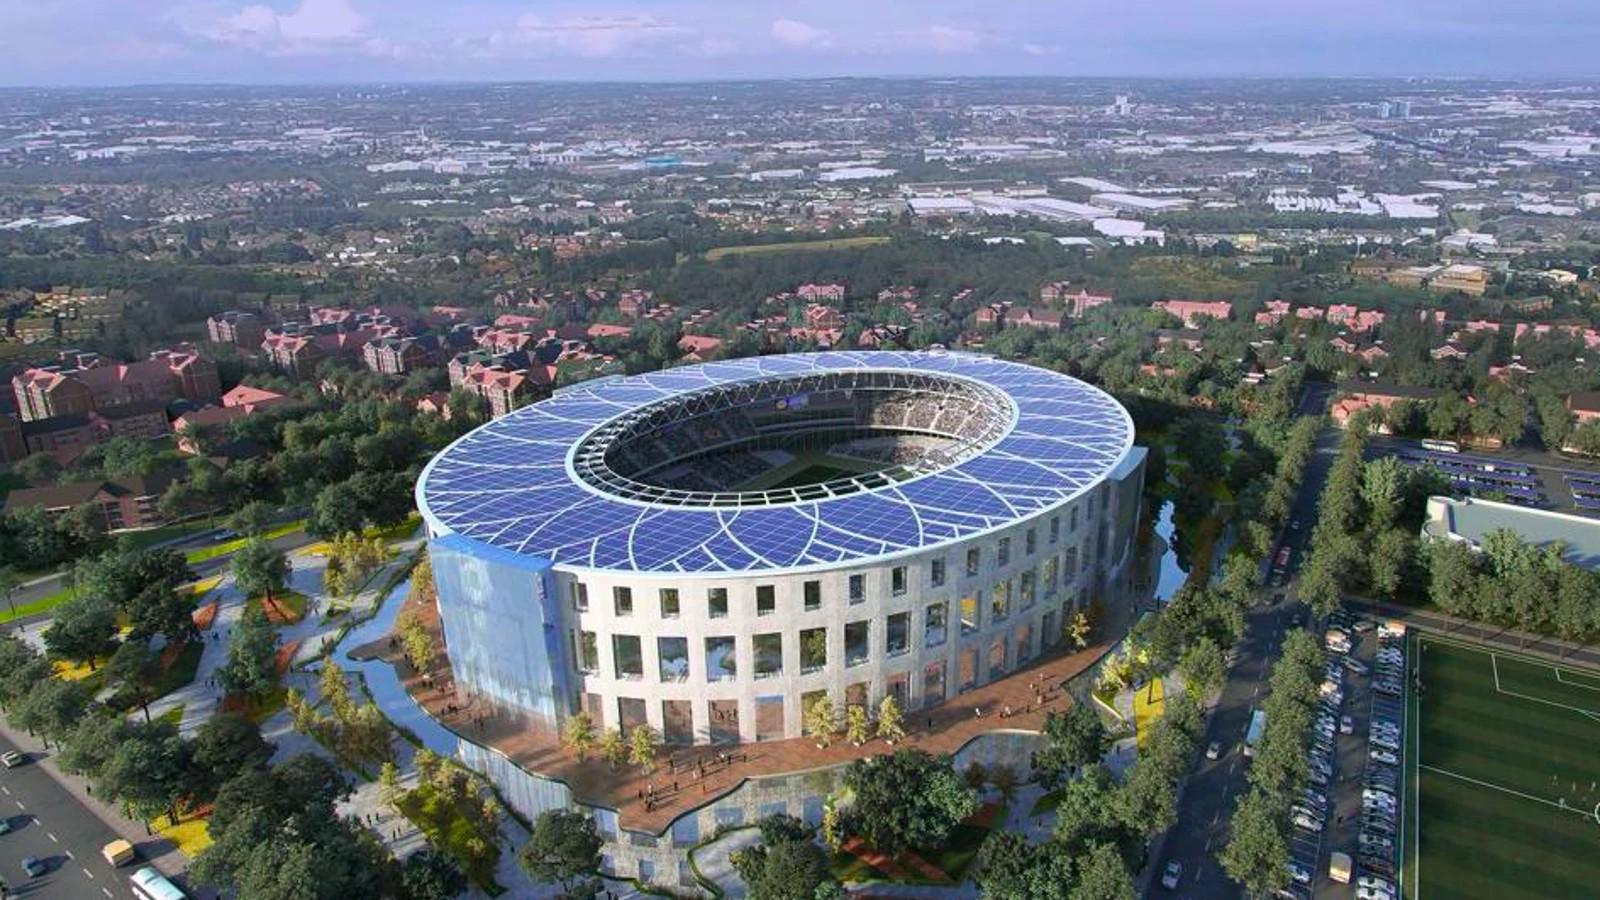 Nuova Arena Verona